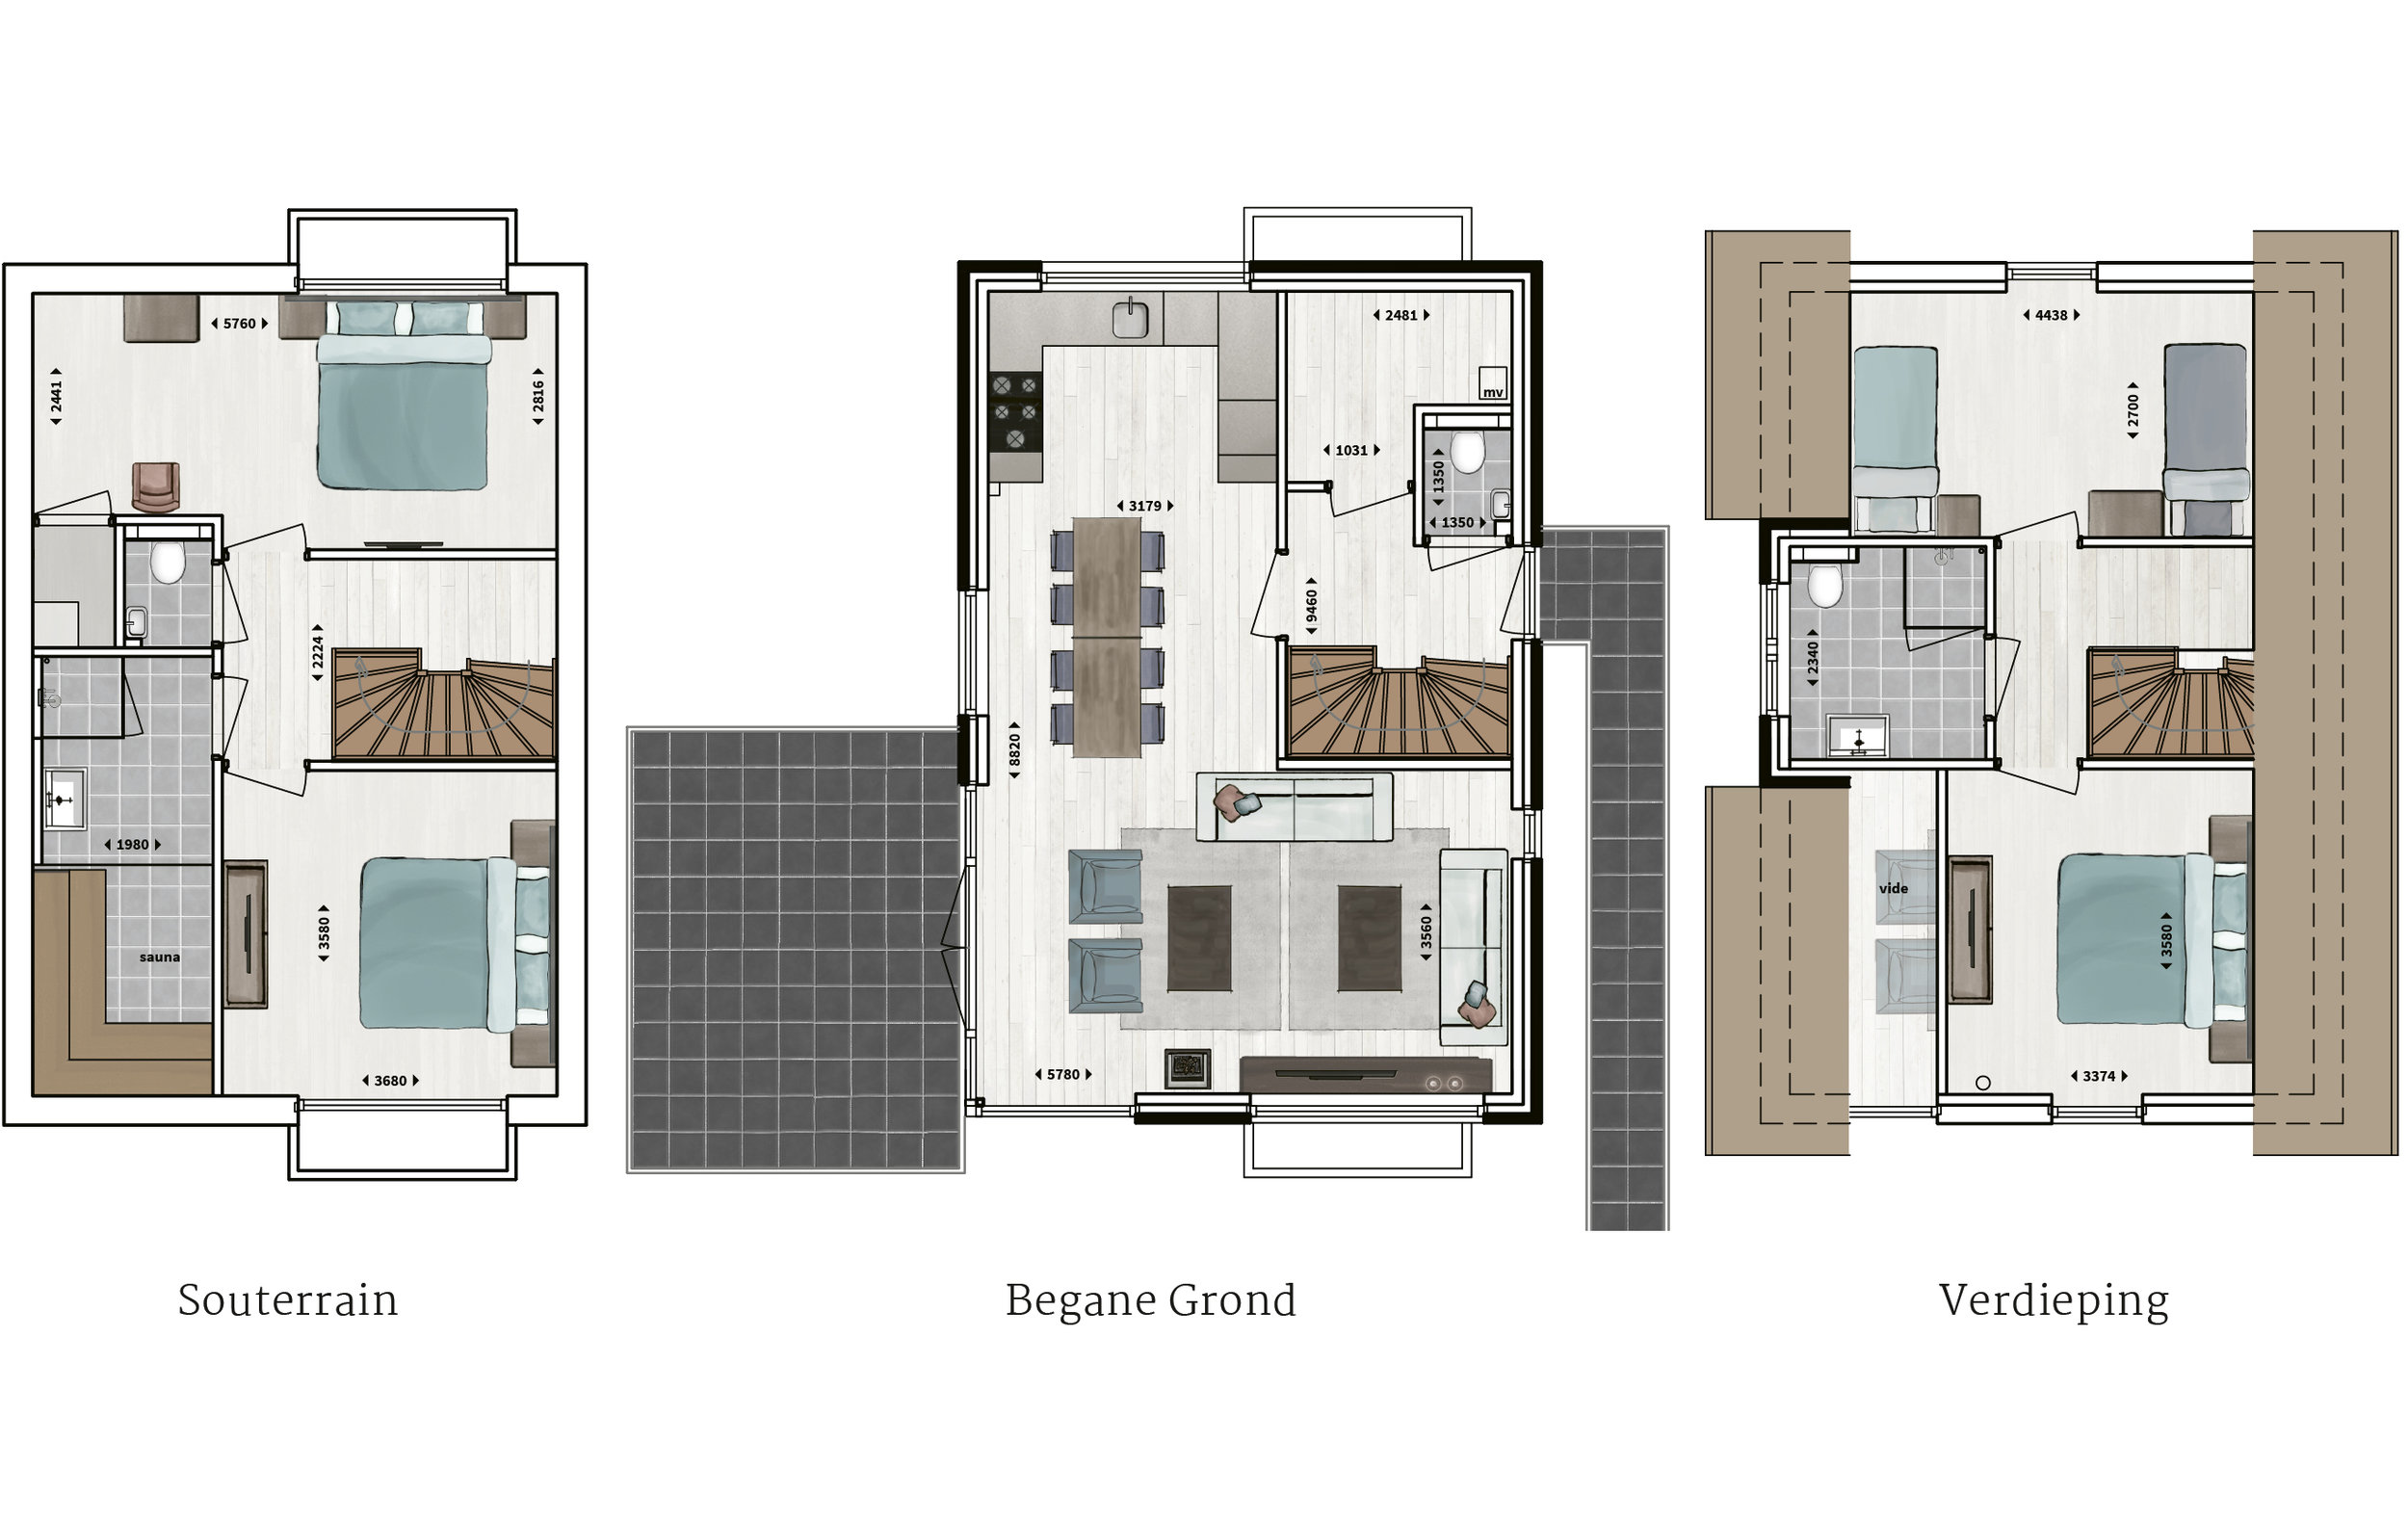 Kenmerken - - Rietgedekt - Gevel van metselwerk met gevelstuc- Vier slaapkamers- Twee badkamers met inloopdouche en sunshower- Sauna- Compleet ingerichte keuken- Woonkamer met vide- Houtkachel- Glazen hoekpui- Buitenberging